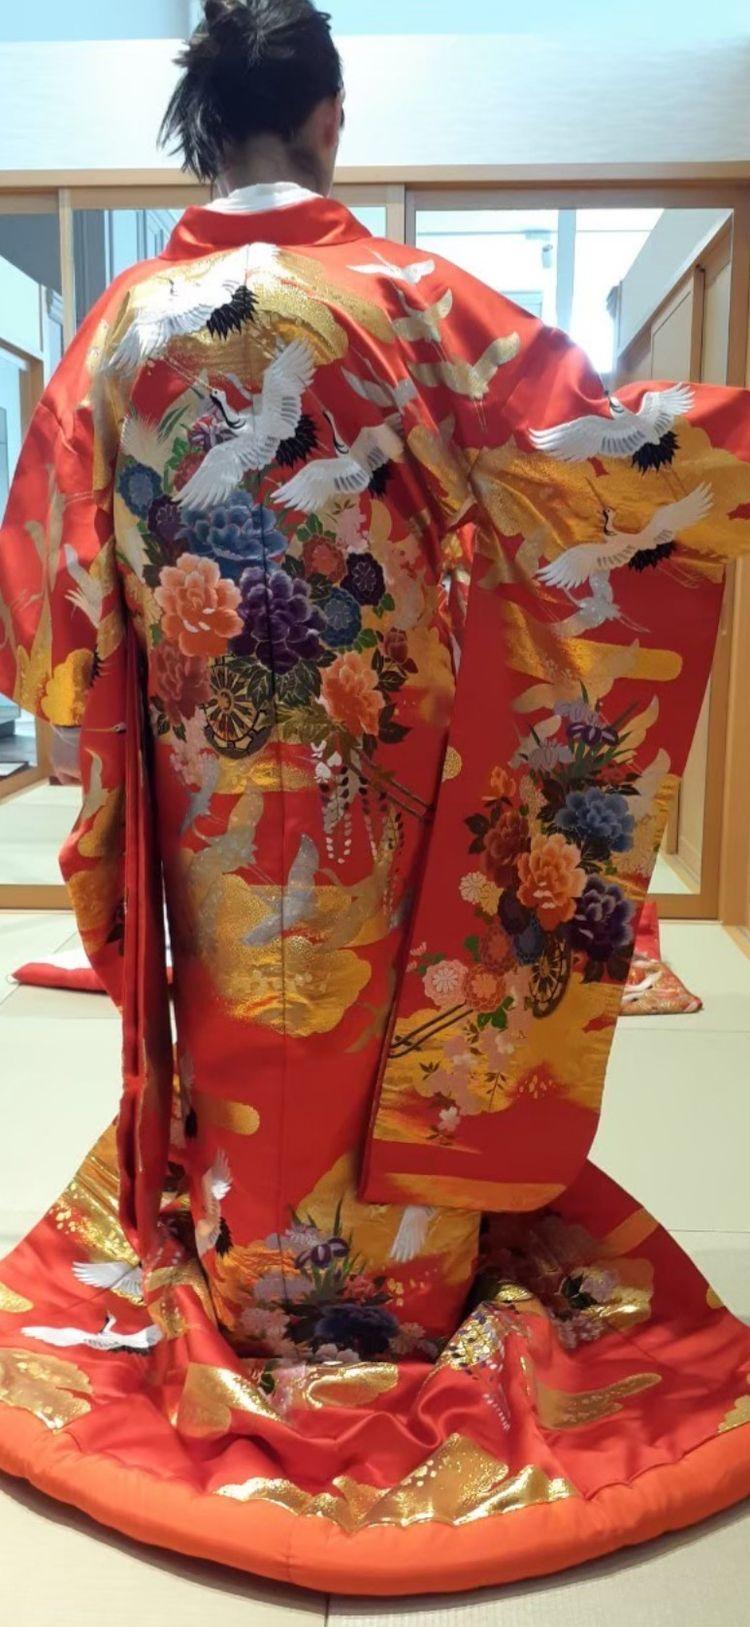 後ろの鶴が豪華な色打掛